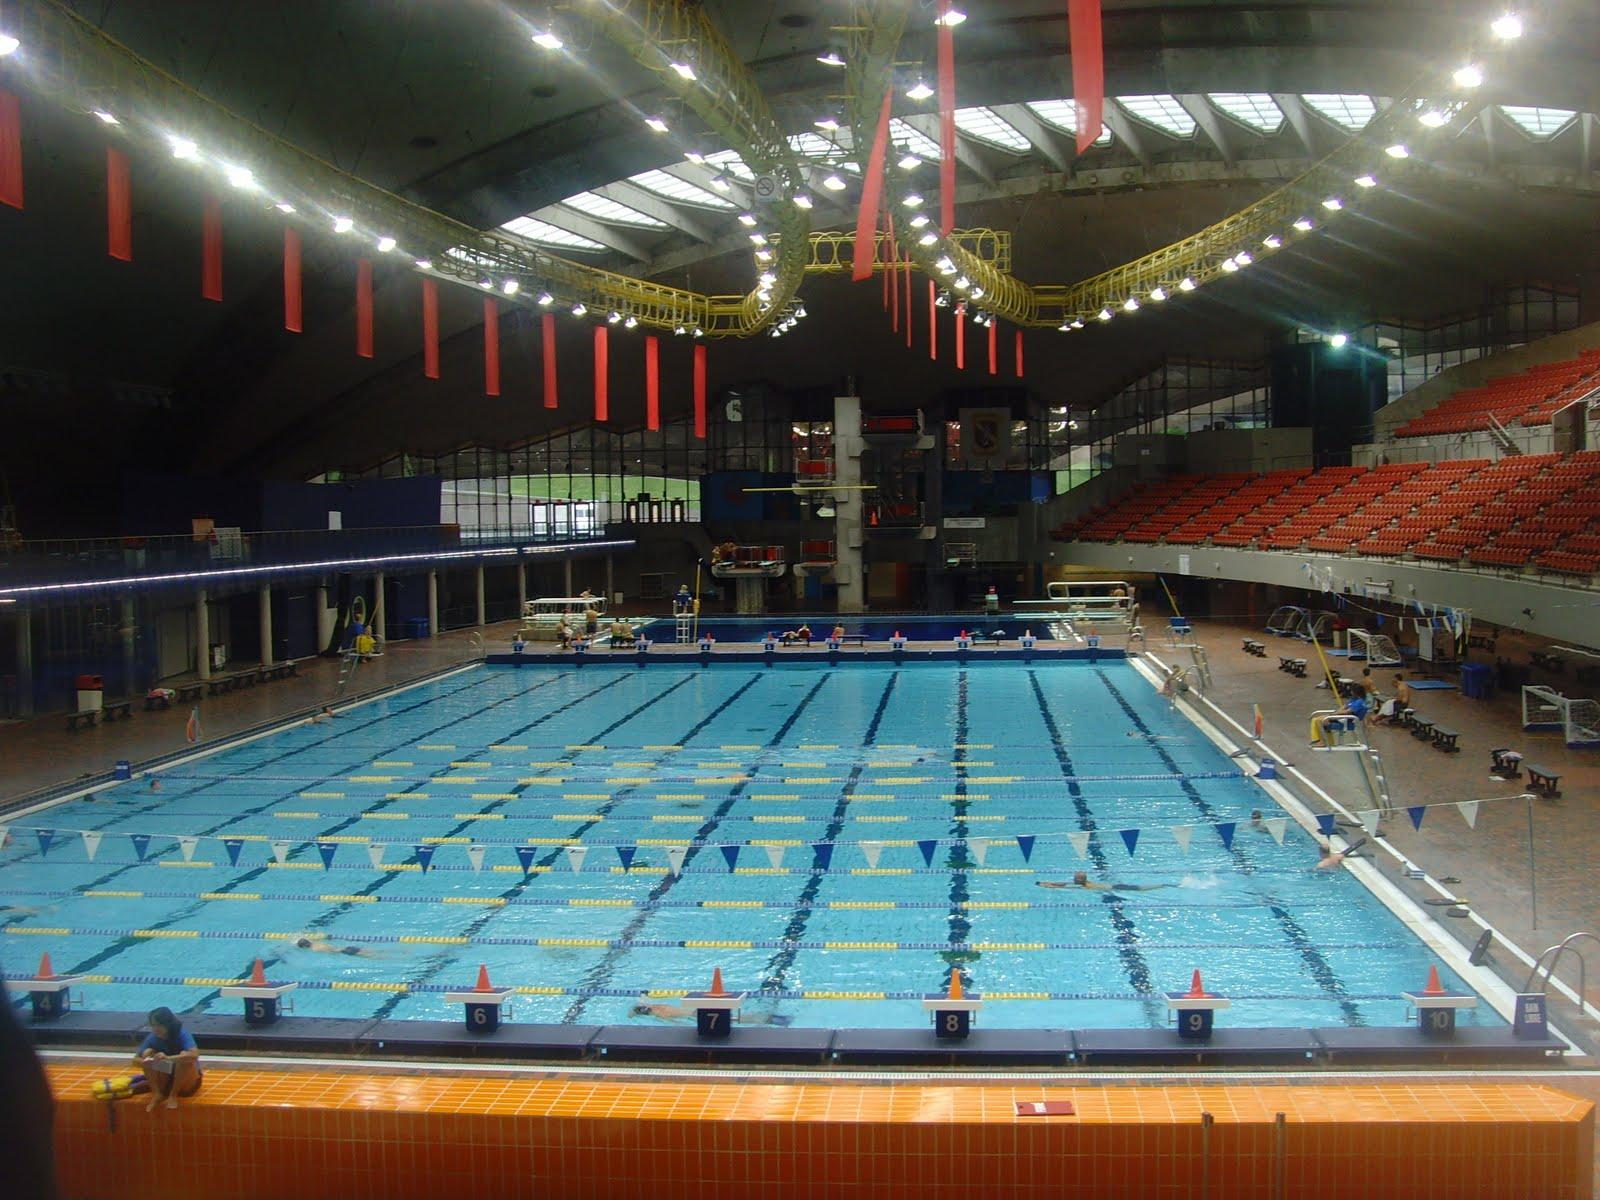 Je me souviens le stade olympique de montreal for Piscine 50m montreal